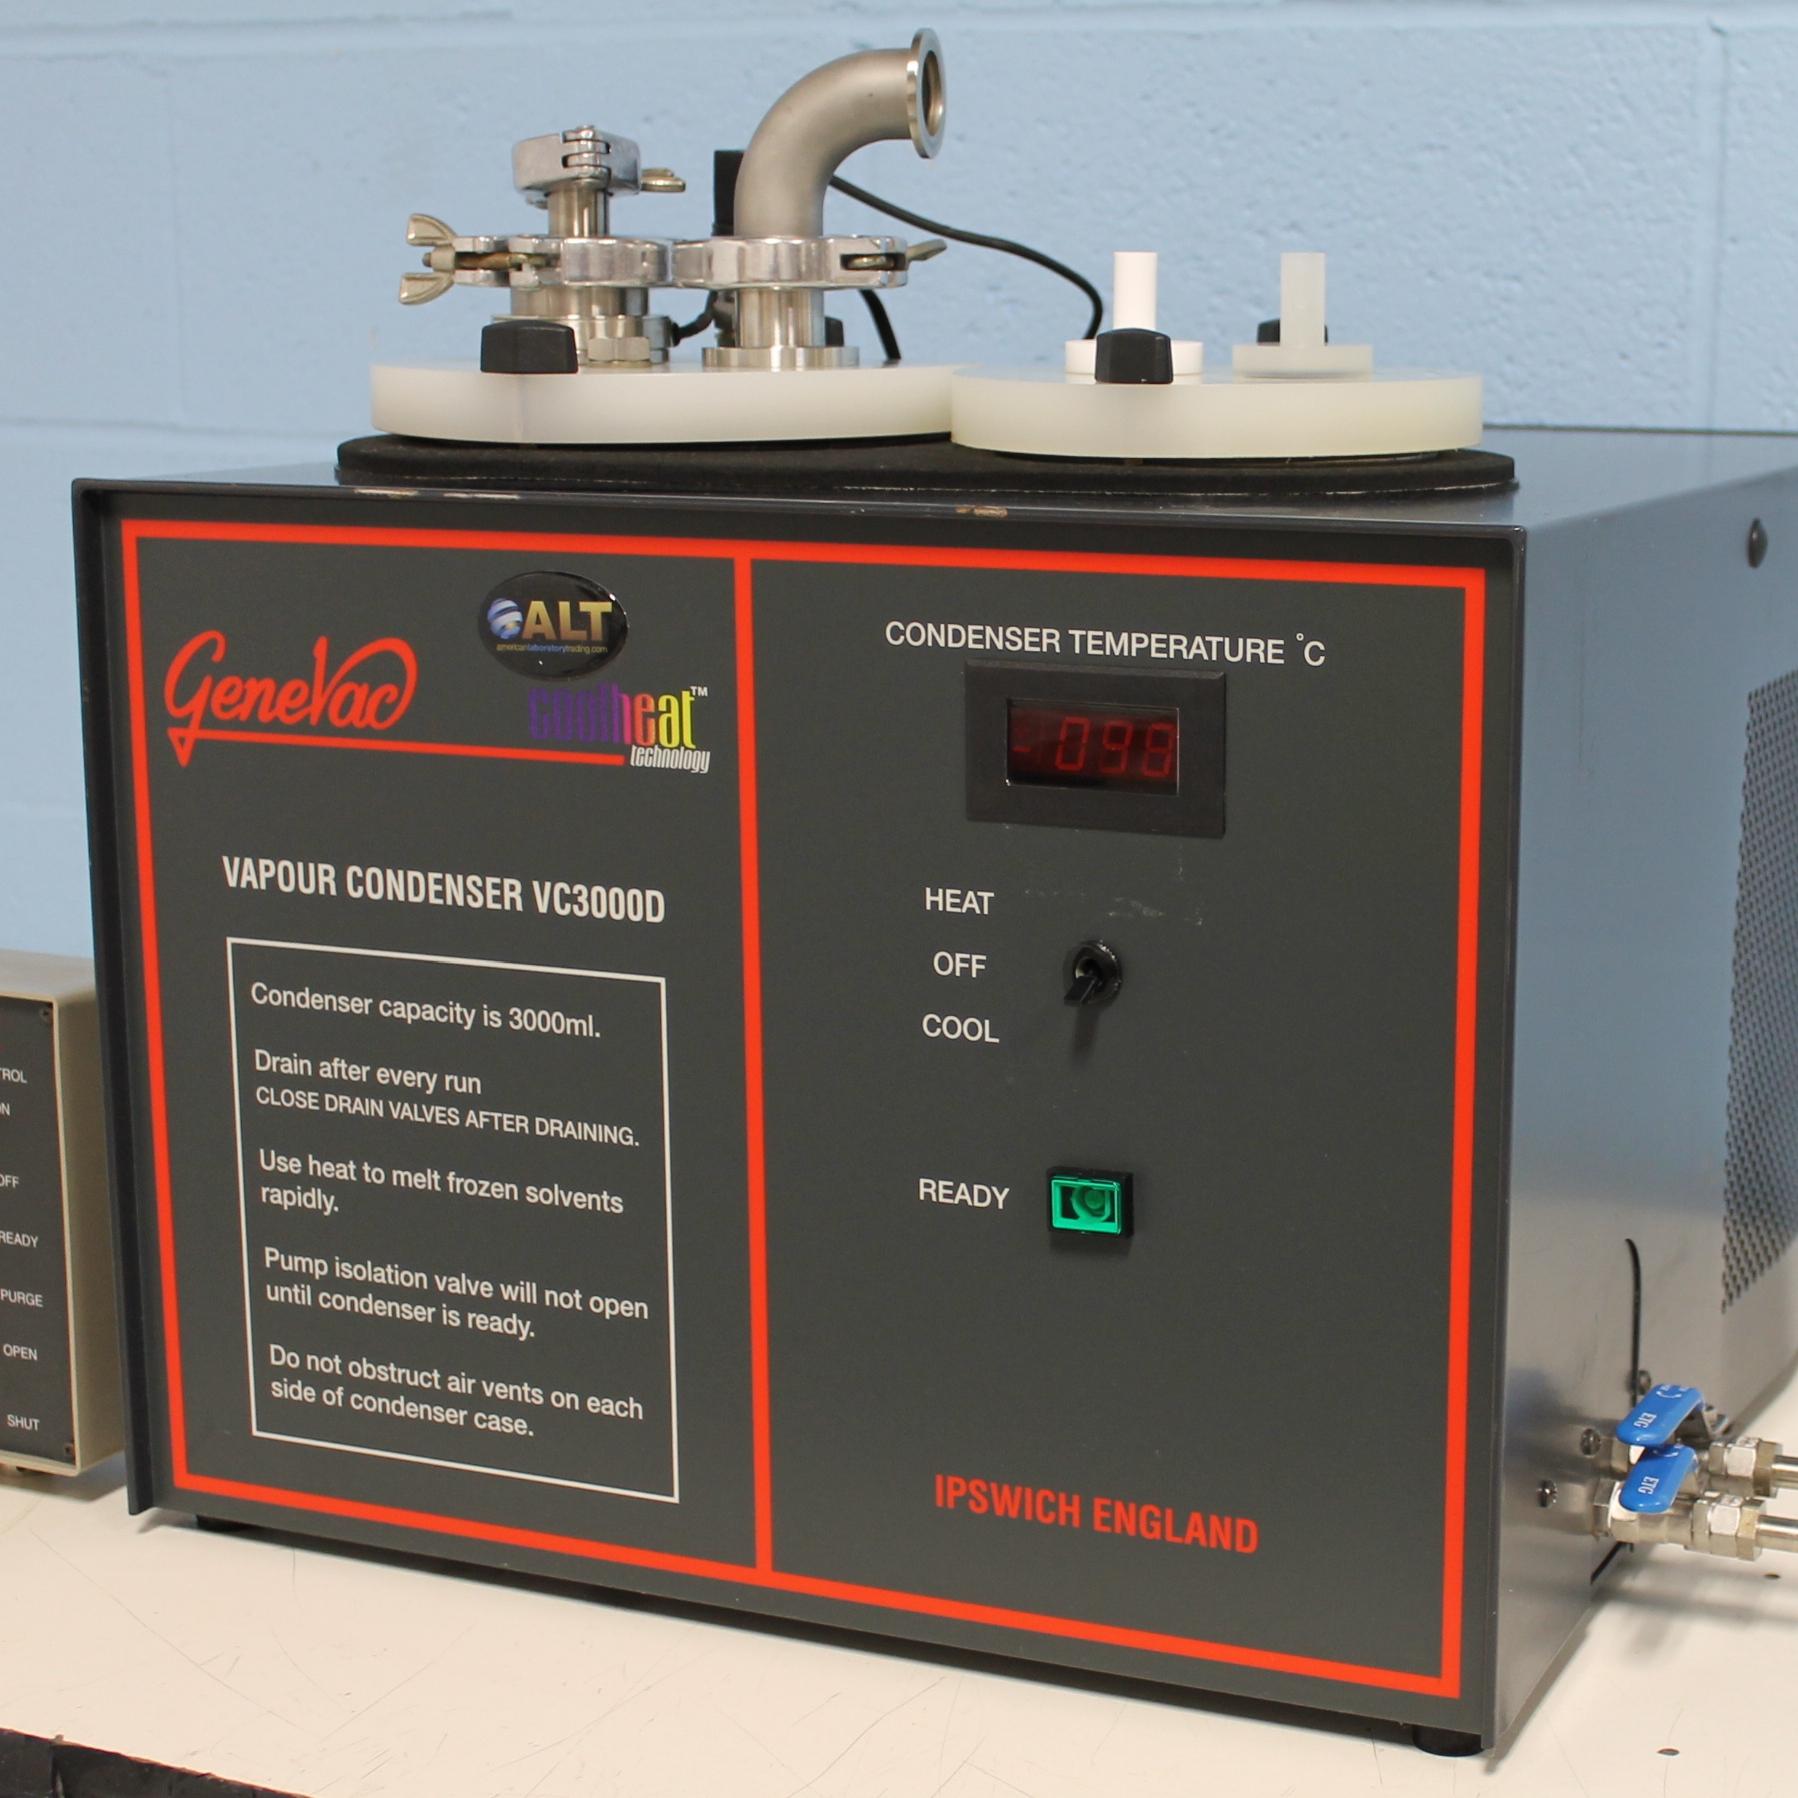 GeneVac VC3000D Vapour Condenser Image